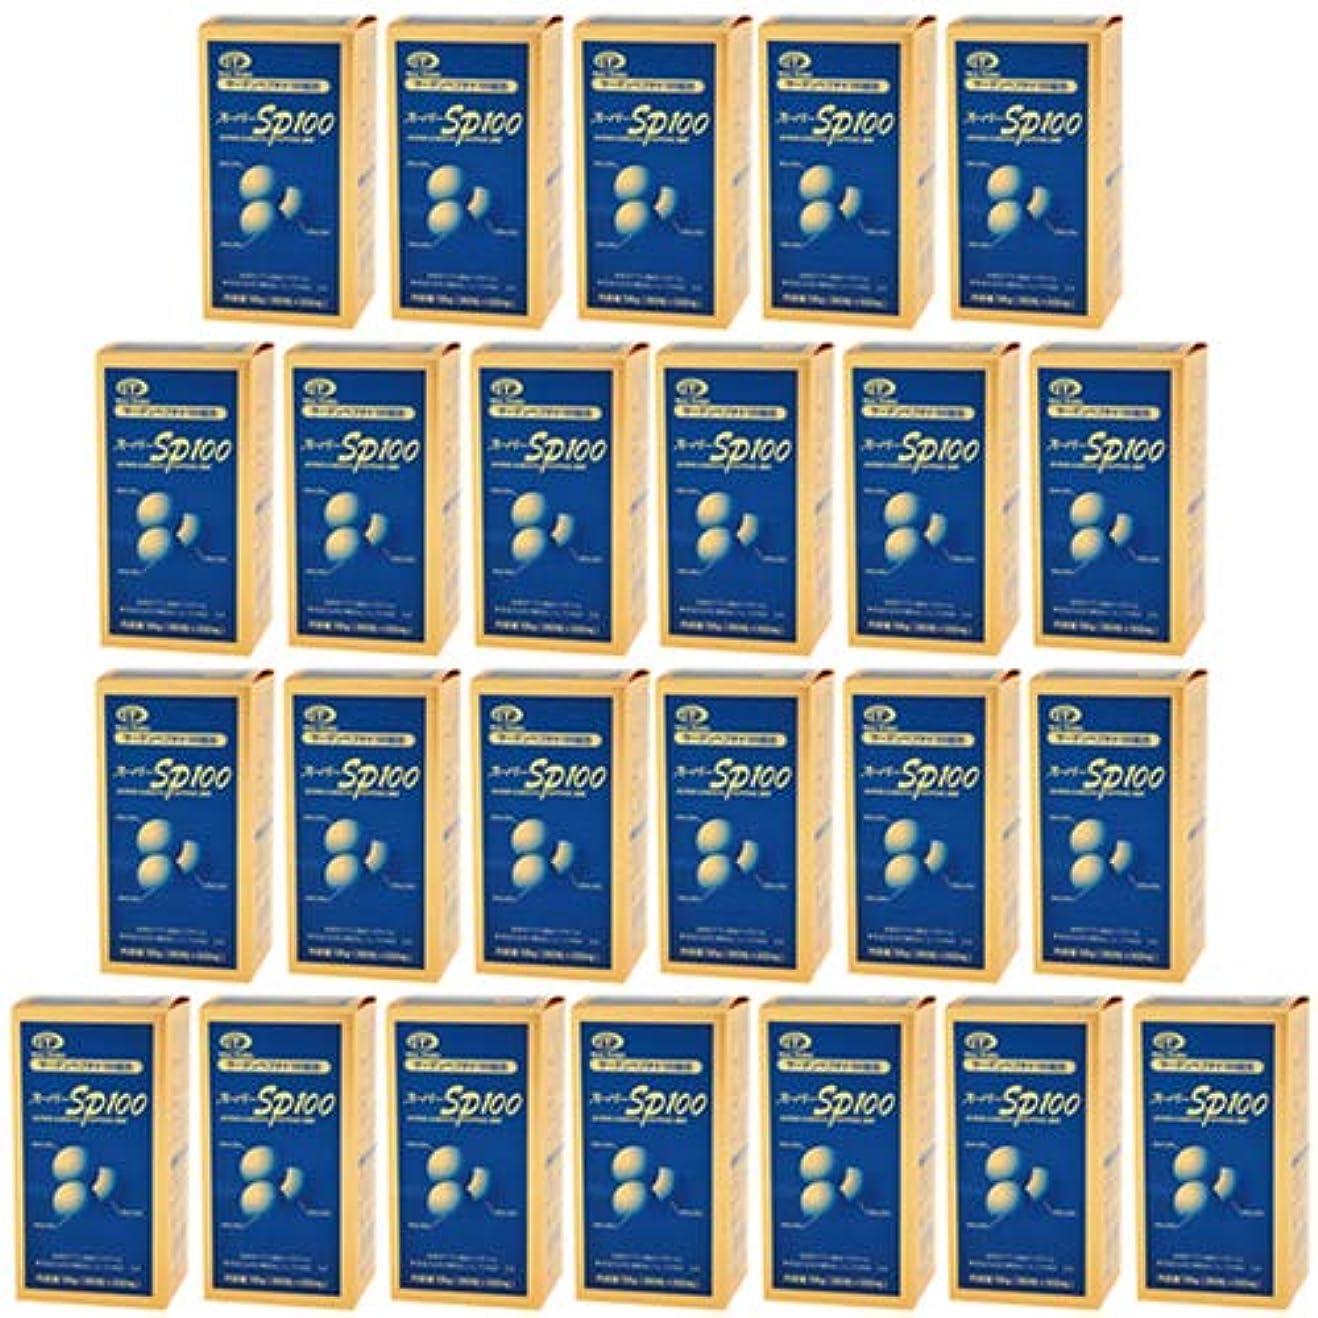 腕バドミントンクリームスーパーSP100(イワシペプチド)(360粒) 24箱